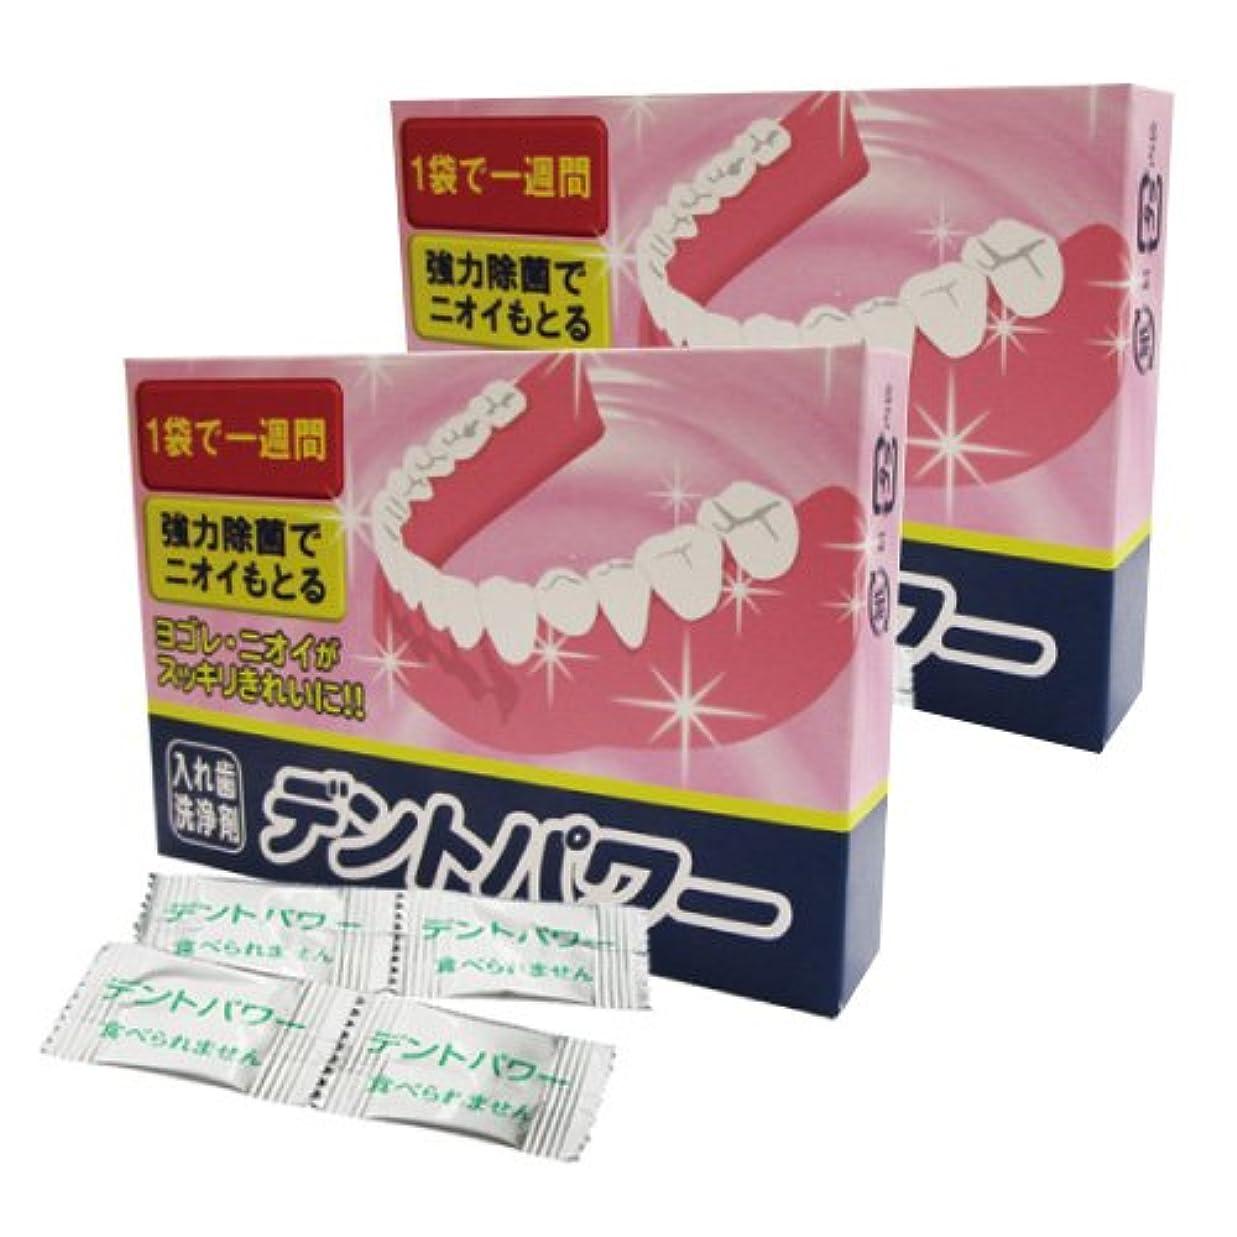 傭兵ランダム団結するデントパワー 入れ歯洗浄剤 5ヵ月用x2個セット